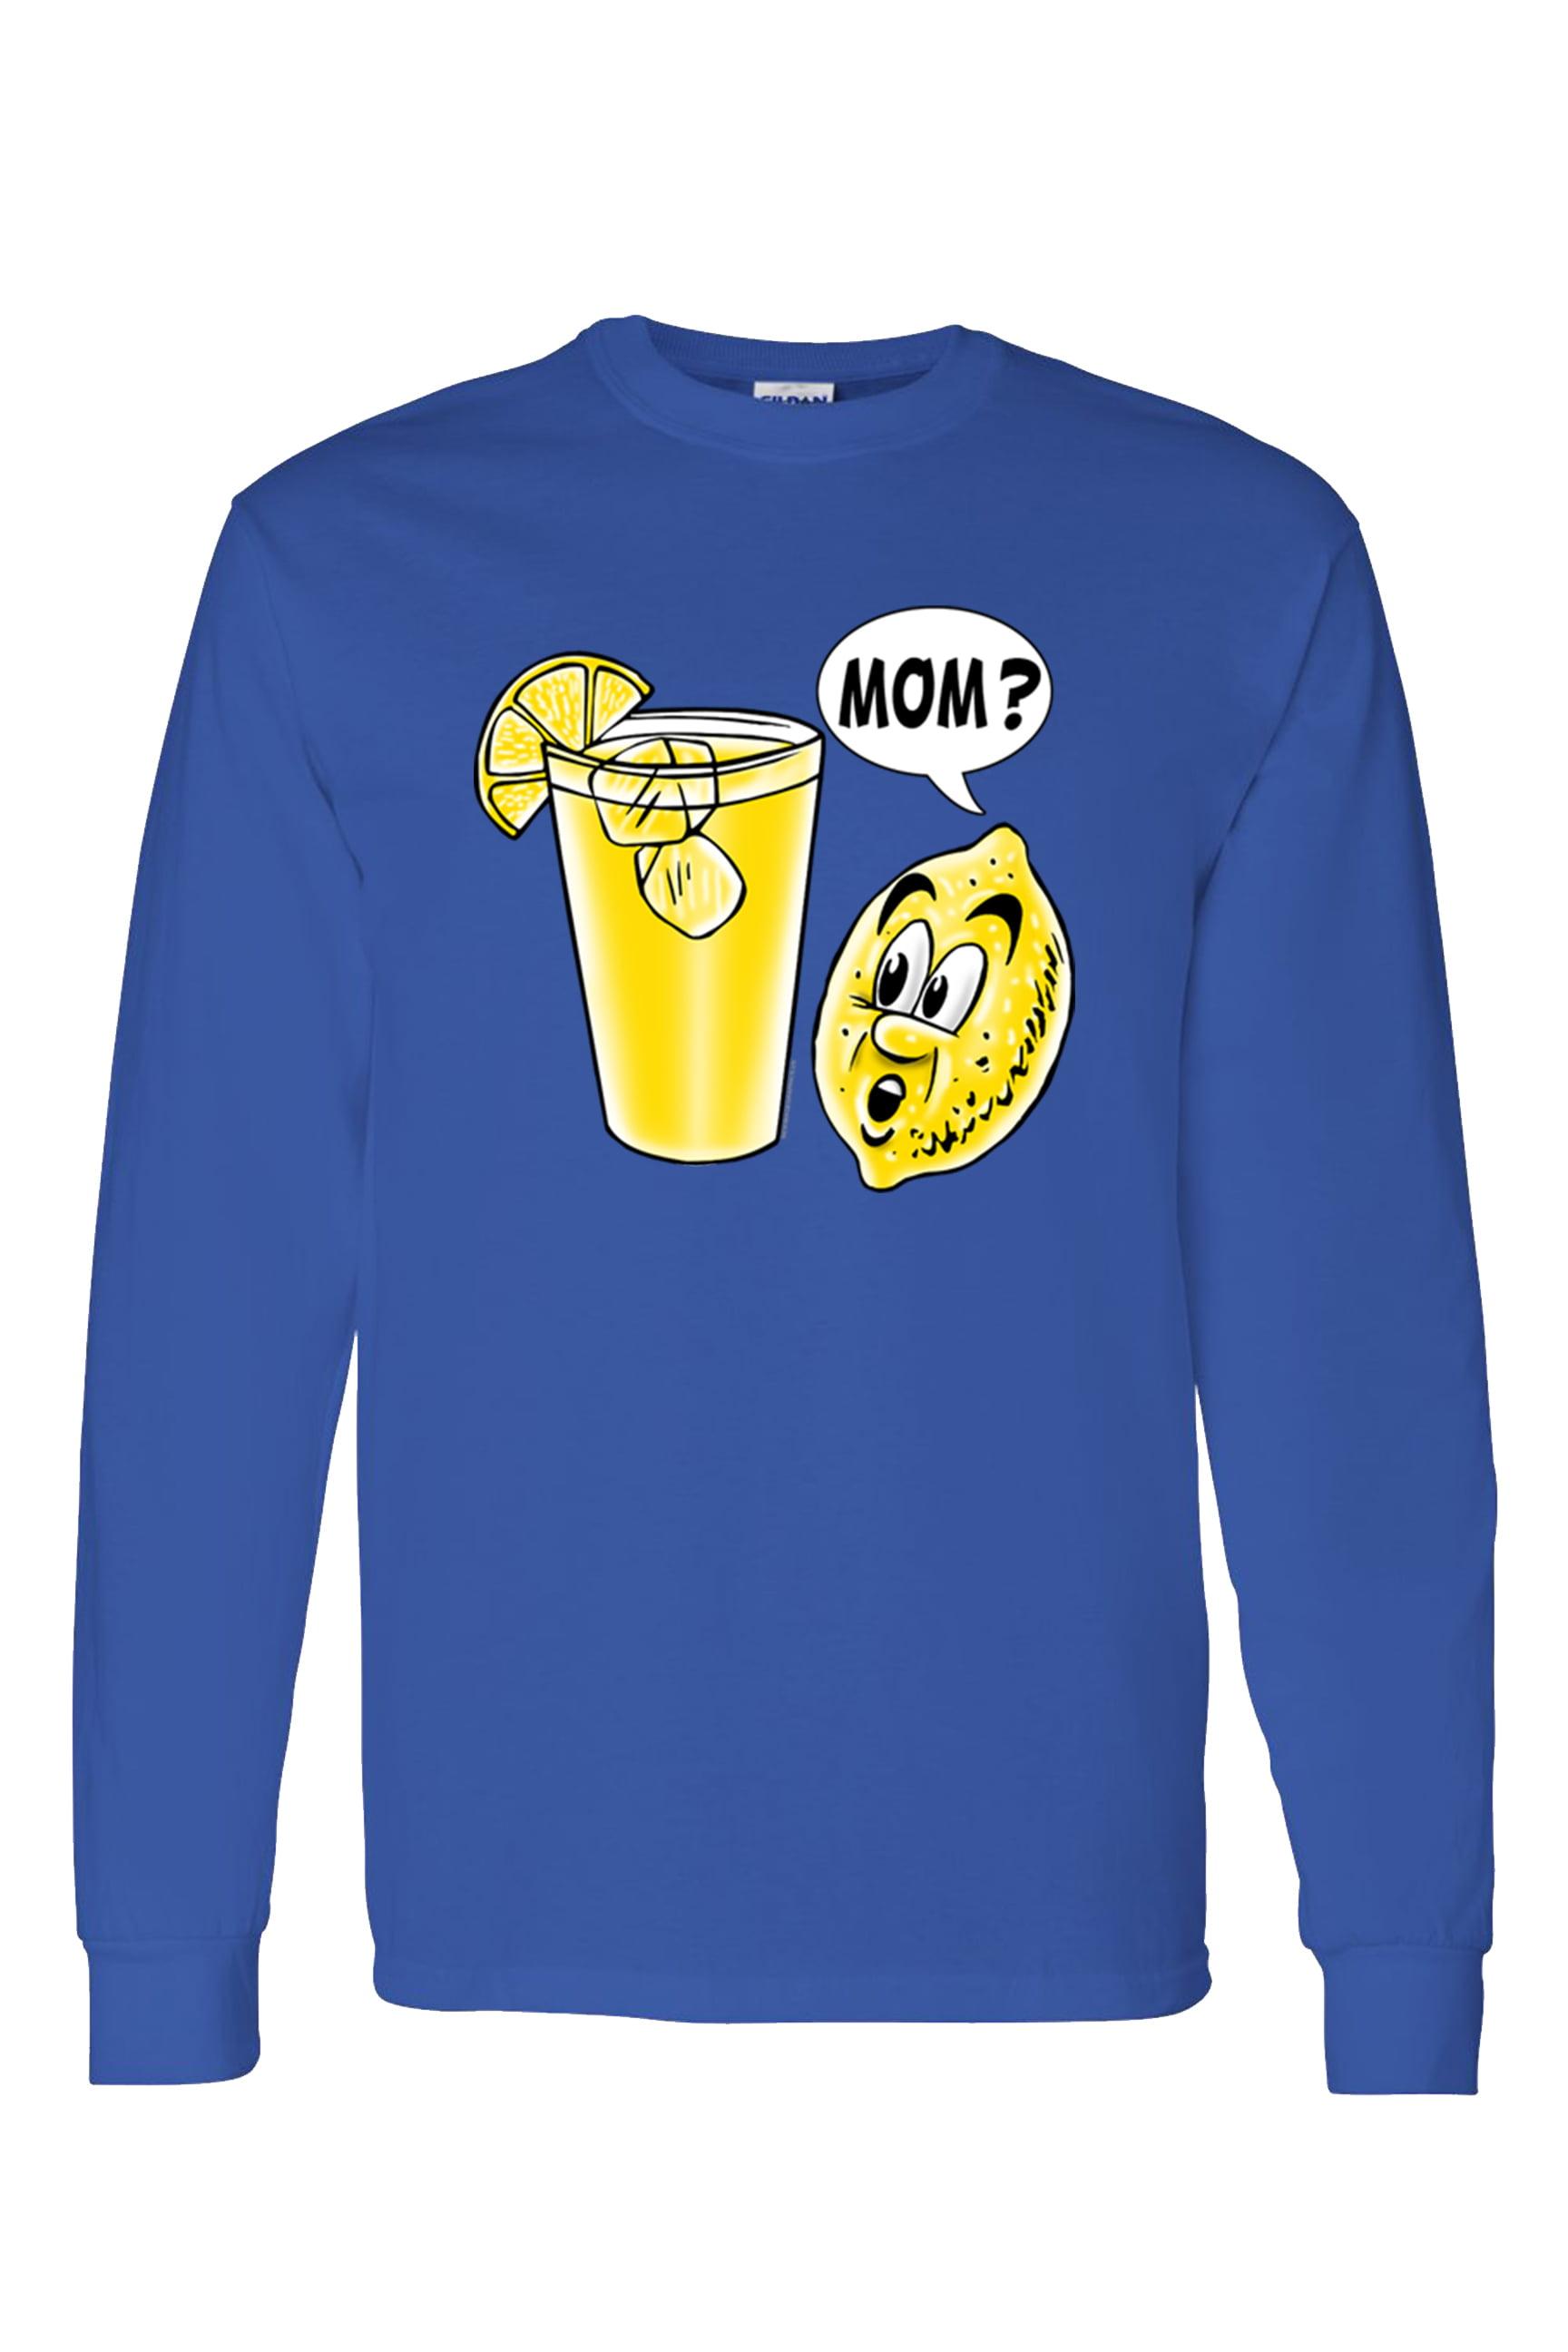 5ff1035ee Men's/Unisex Funny Lemon Kid Mom? Long Sleeve T-Shirt